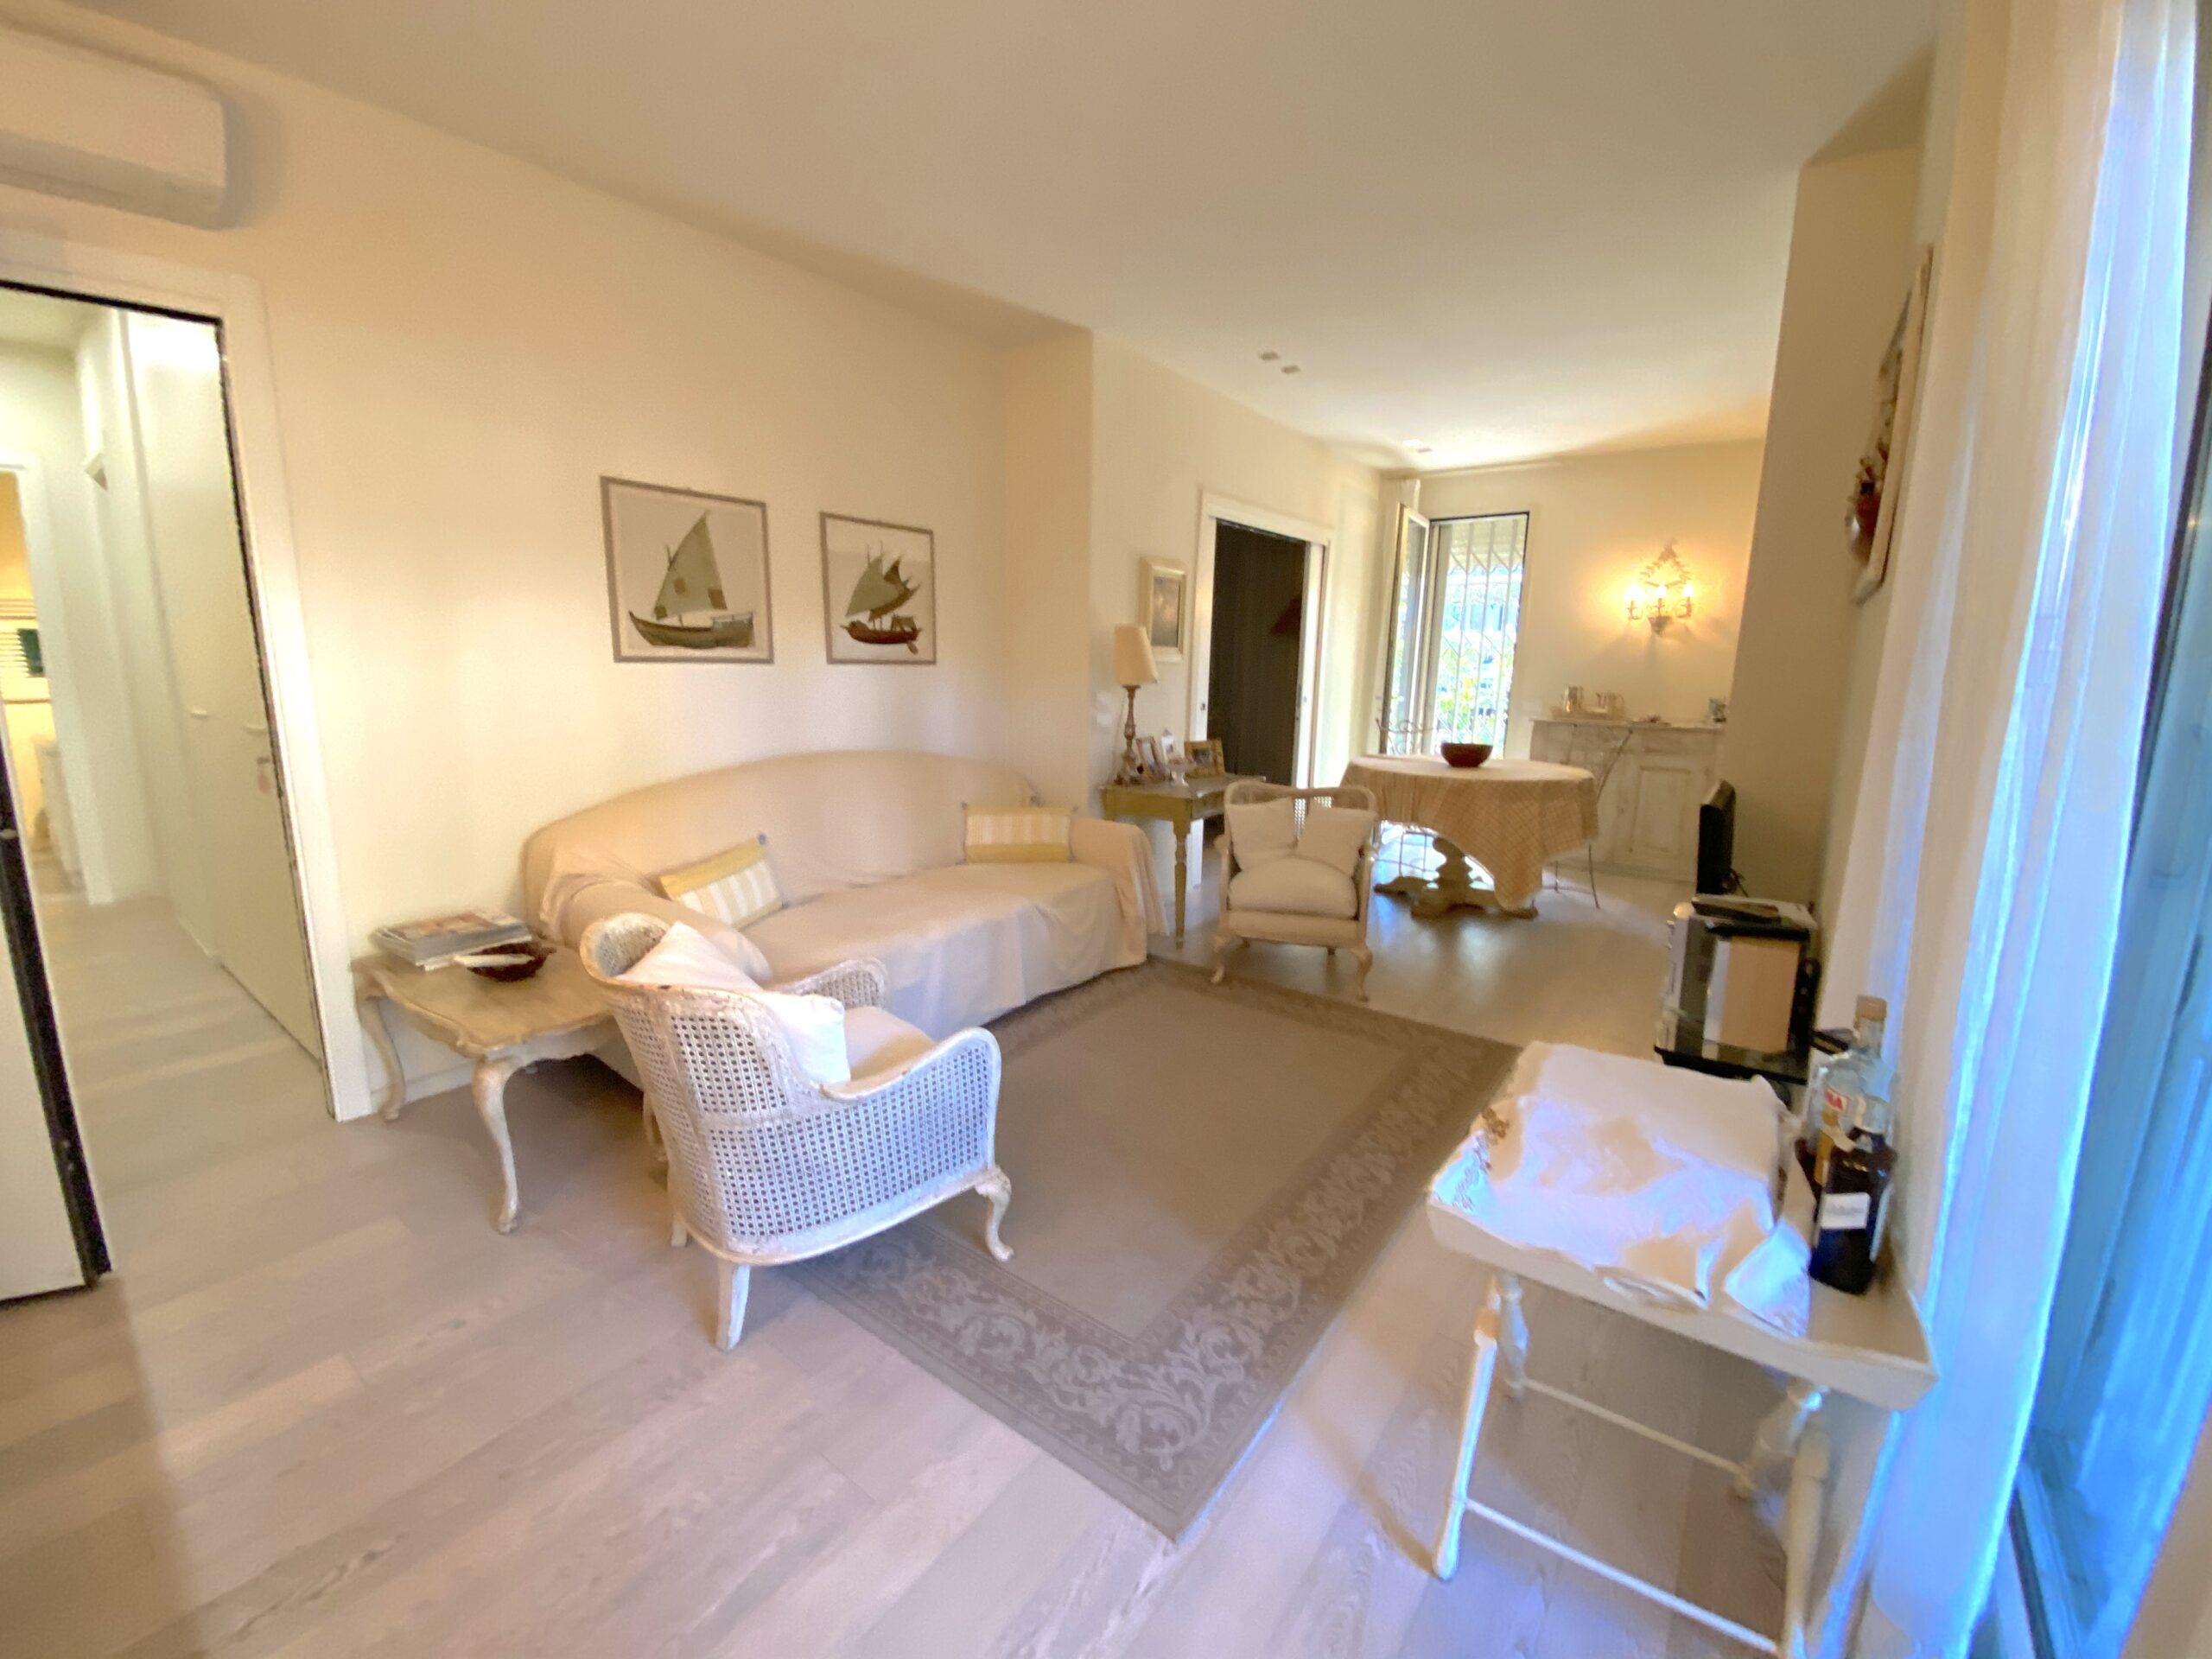 RICCIONE ABISSINIA, Appartamento in affitto con meravigliosa corte privata